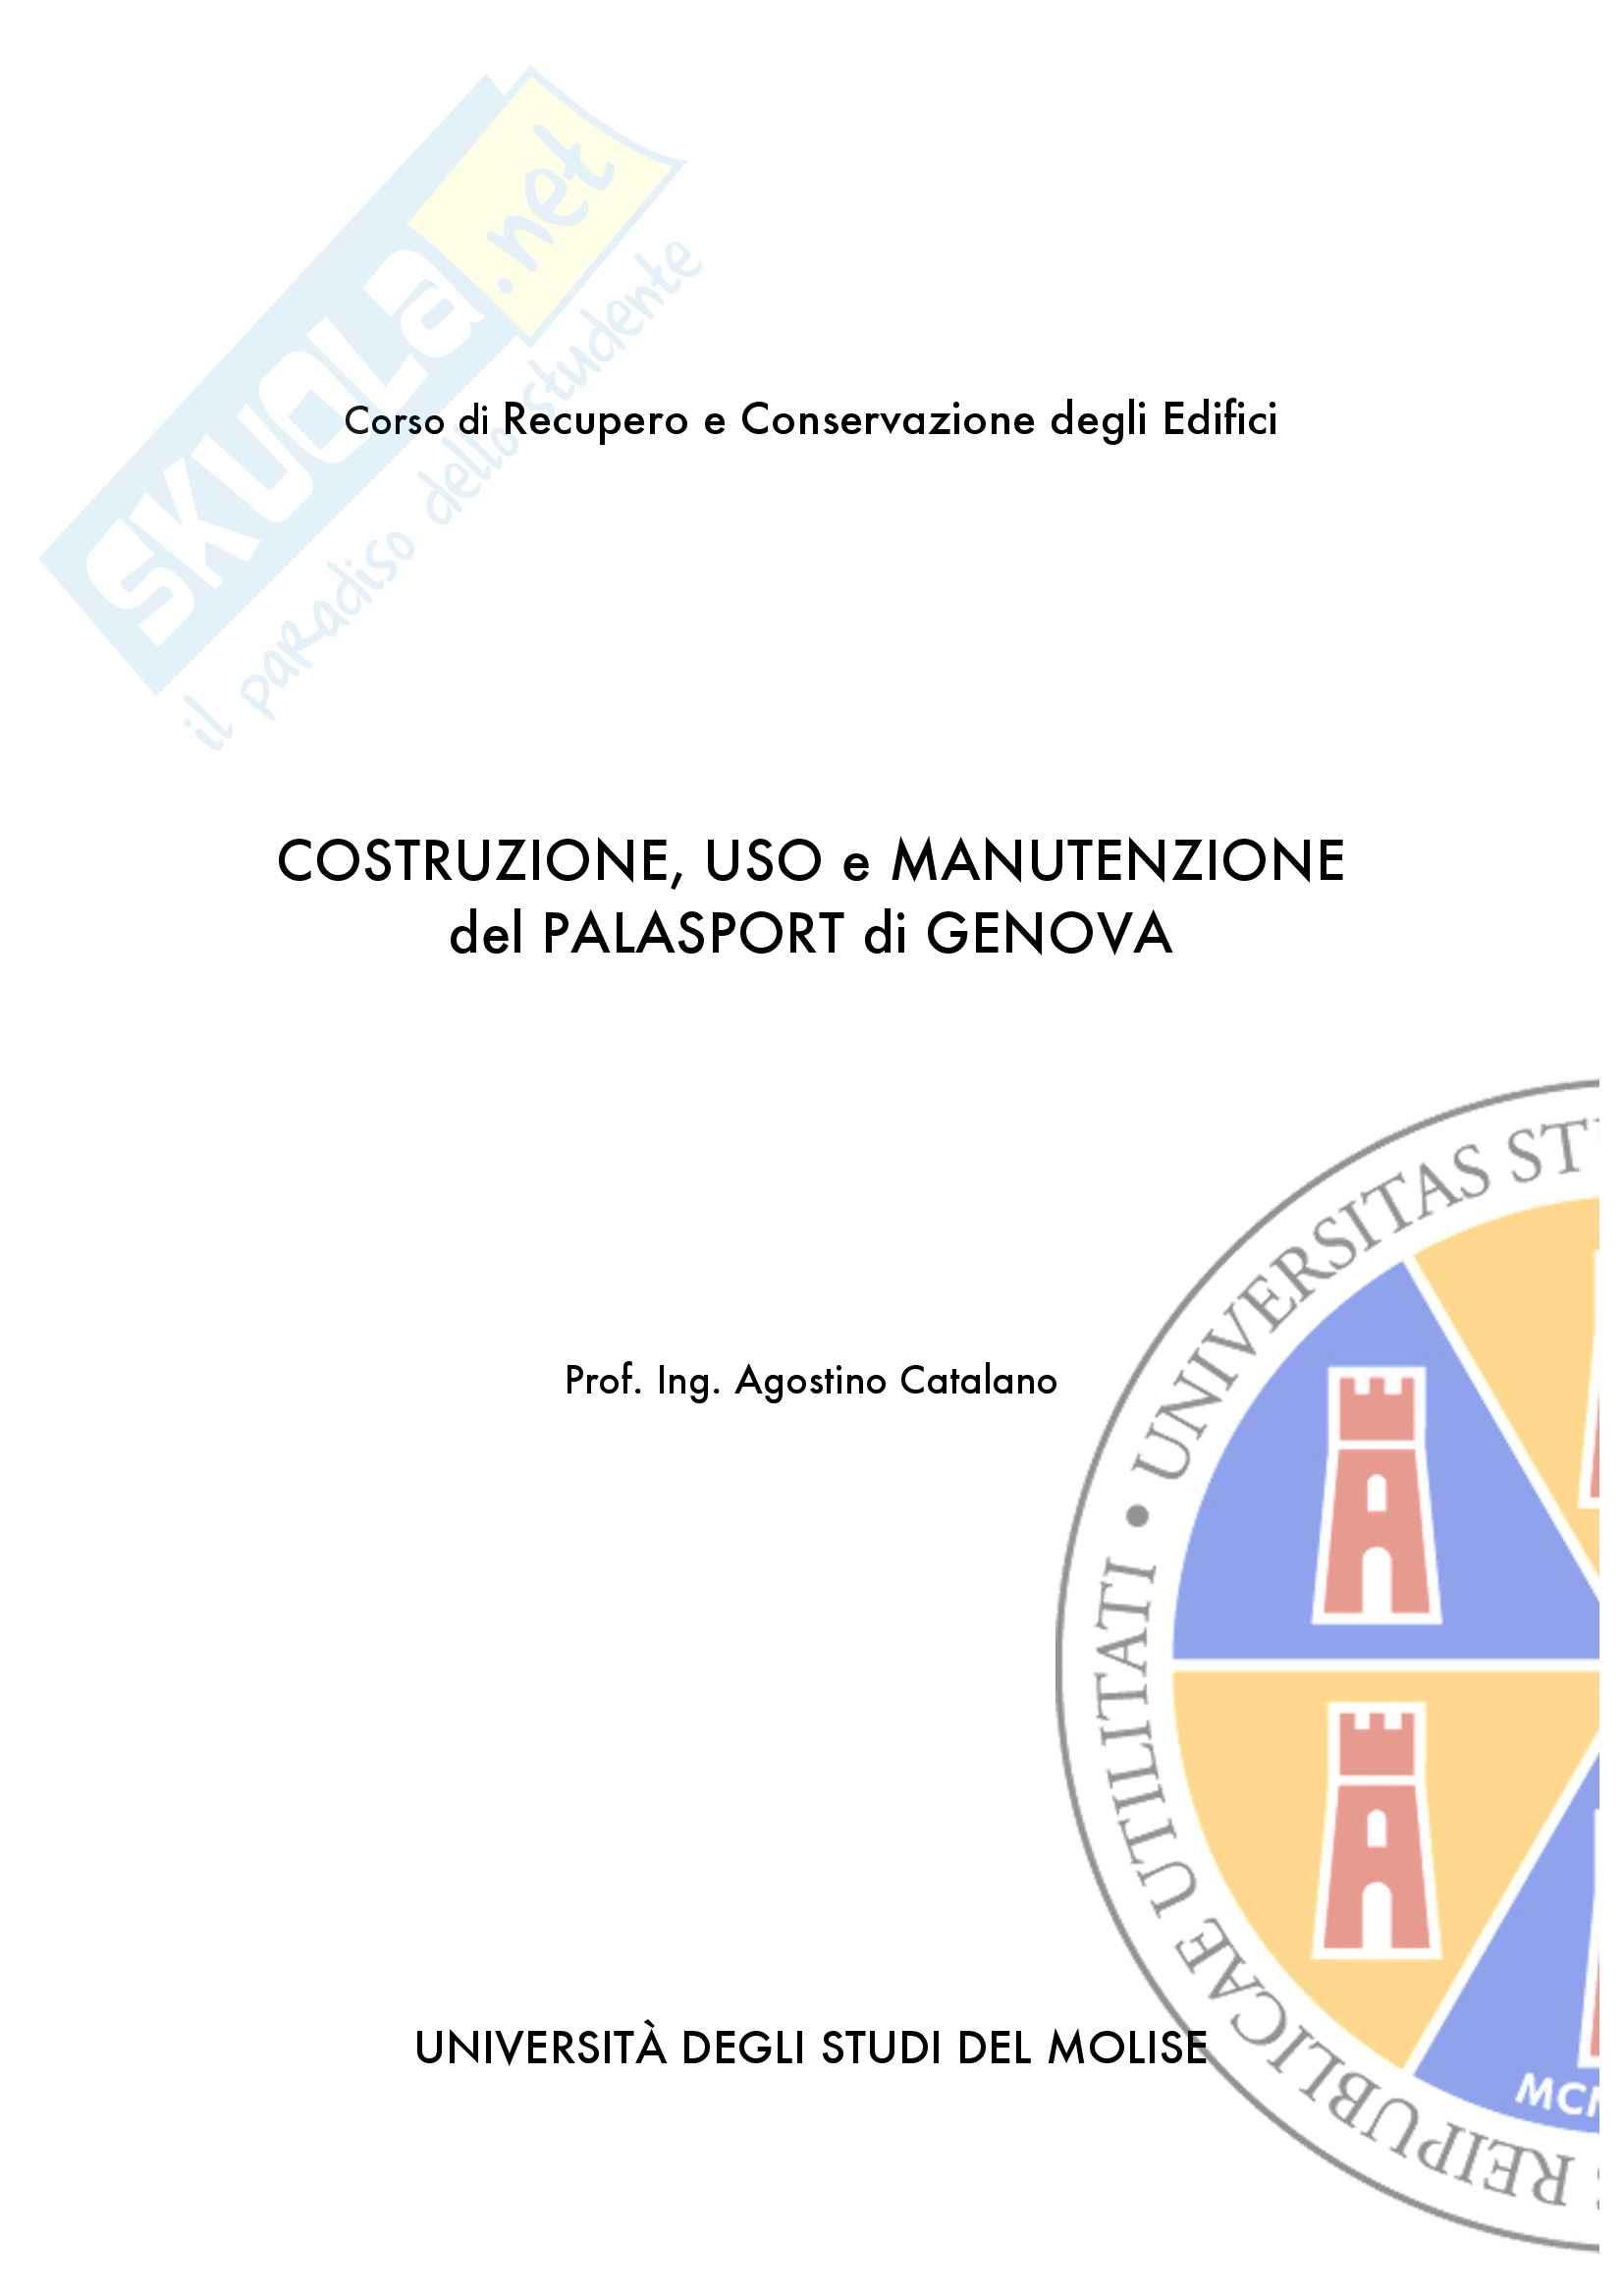 Recupero e costruzione degli edifici - costruzione, uso e manutenzione del palasport di Genova